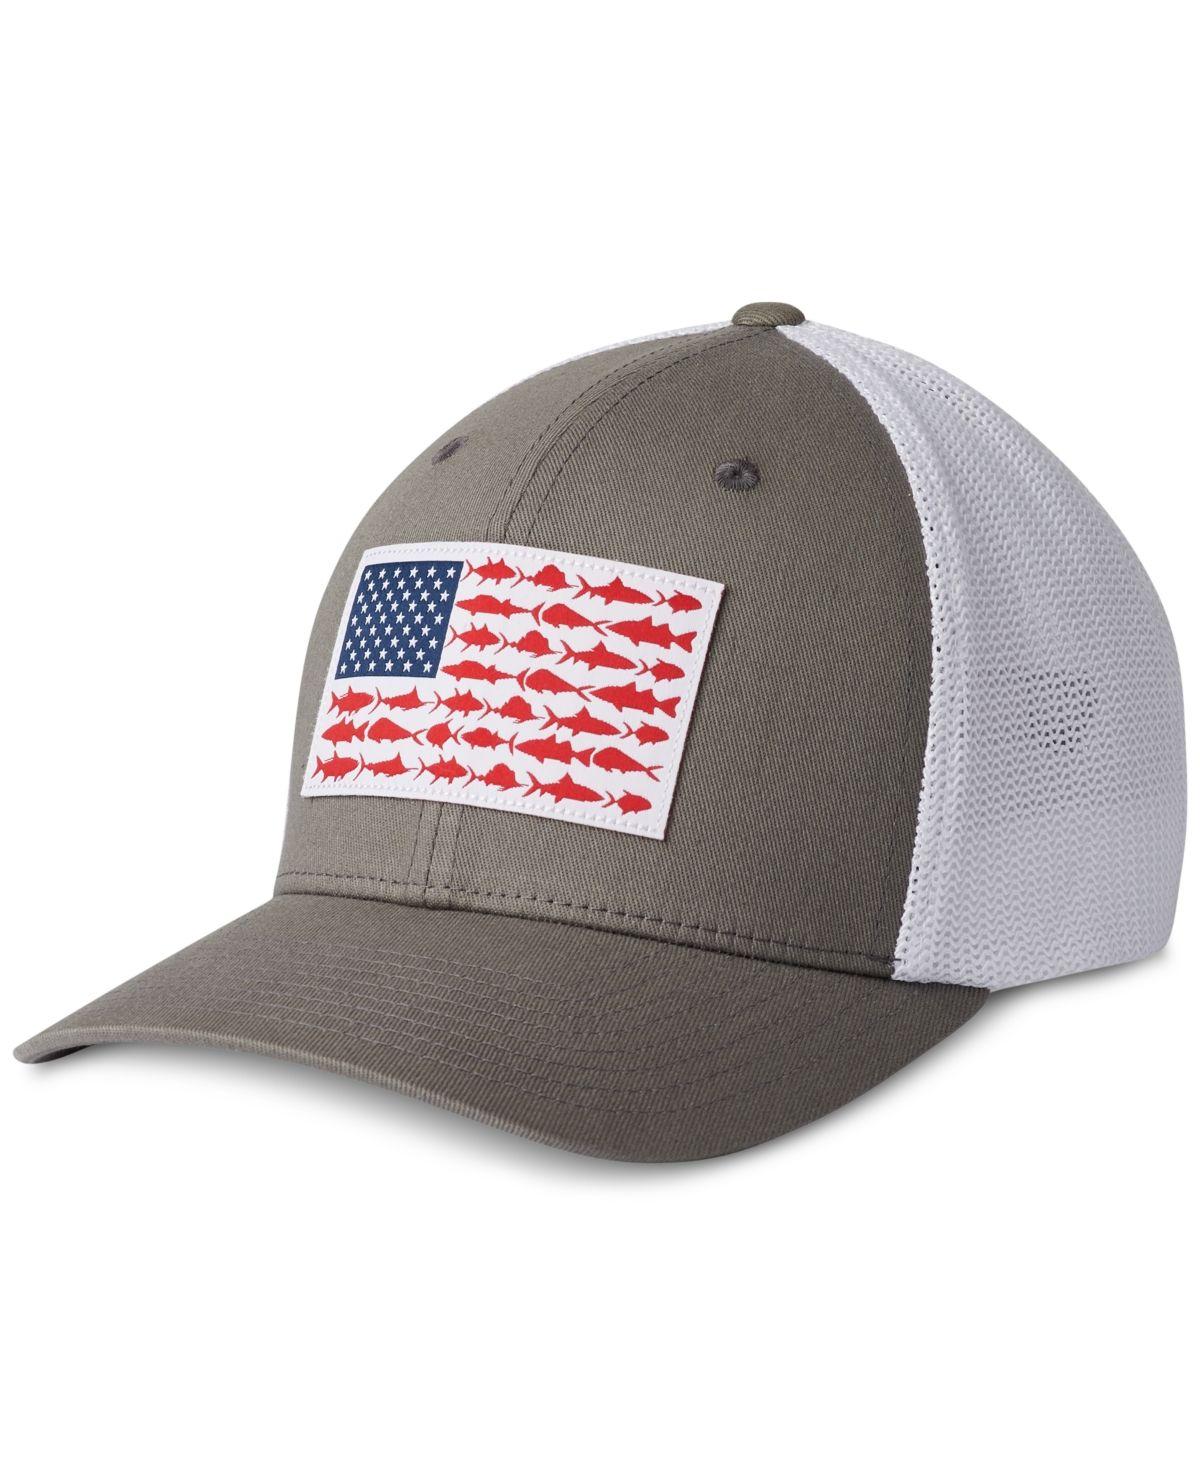 Pin By Jason Leffew On Cute Hats Hats Ball Cap Hooey Hats